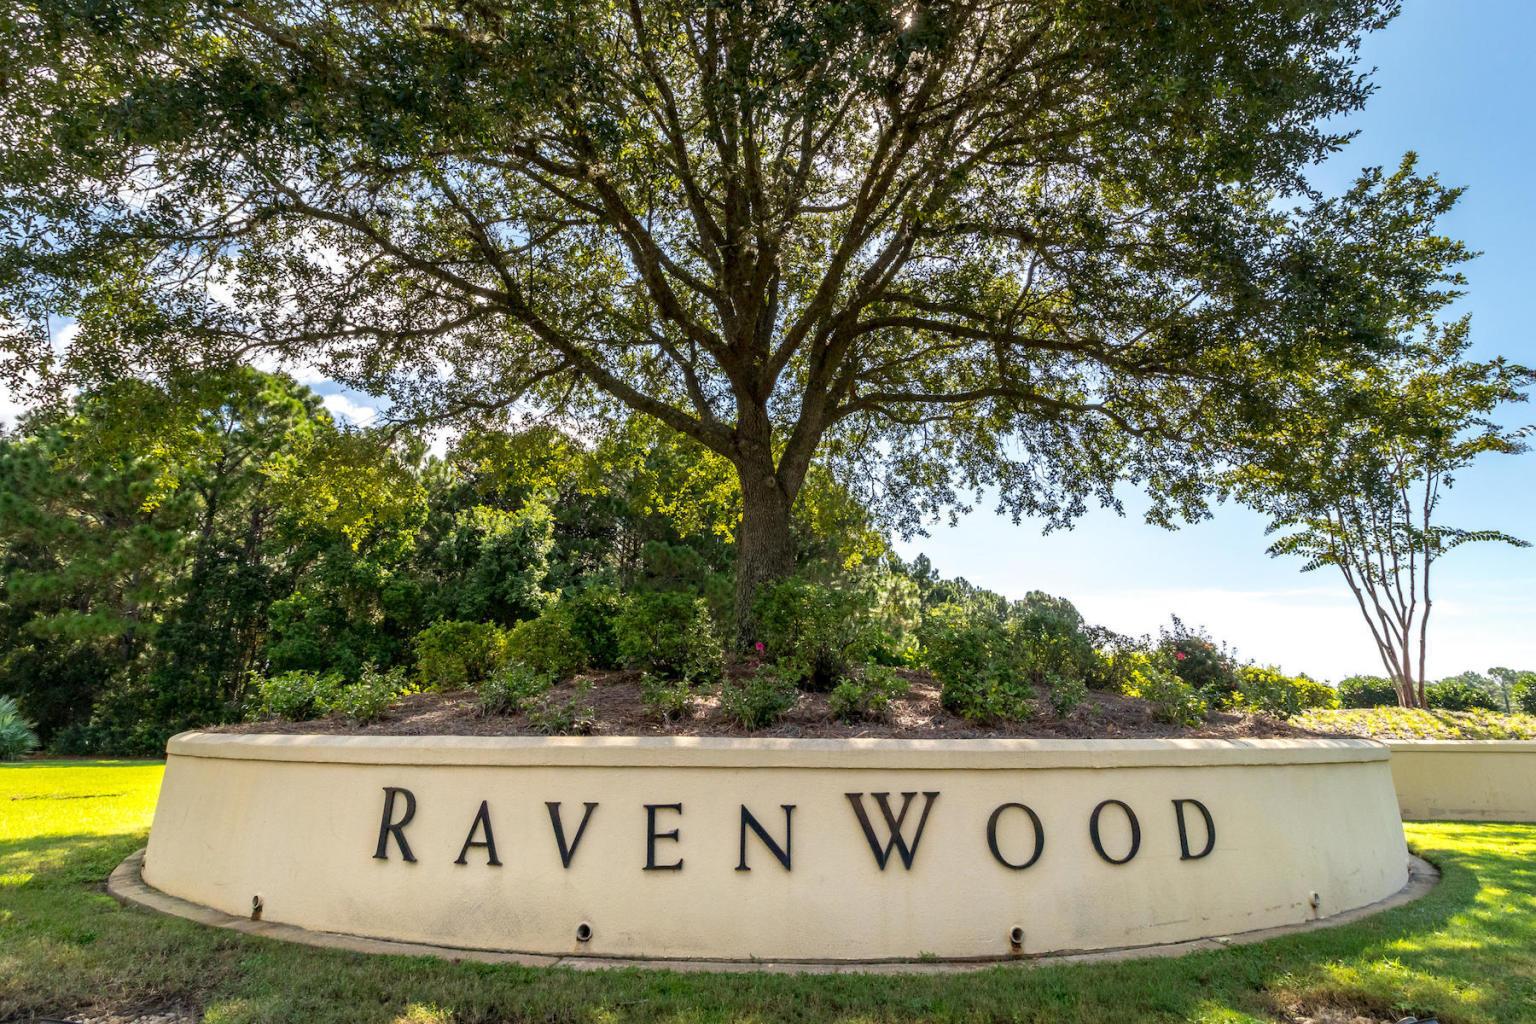 Entrance to Ravenwood Nieghborhood